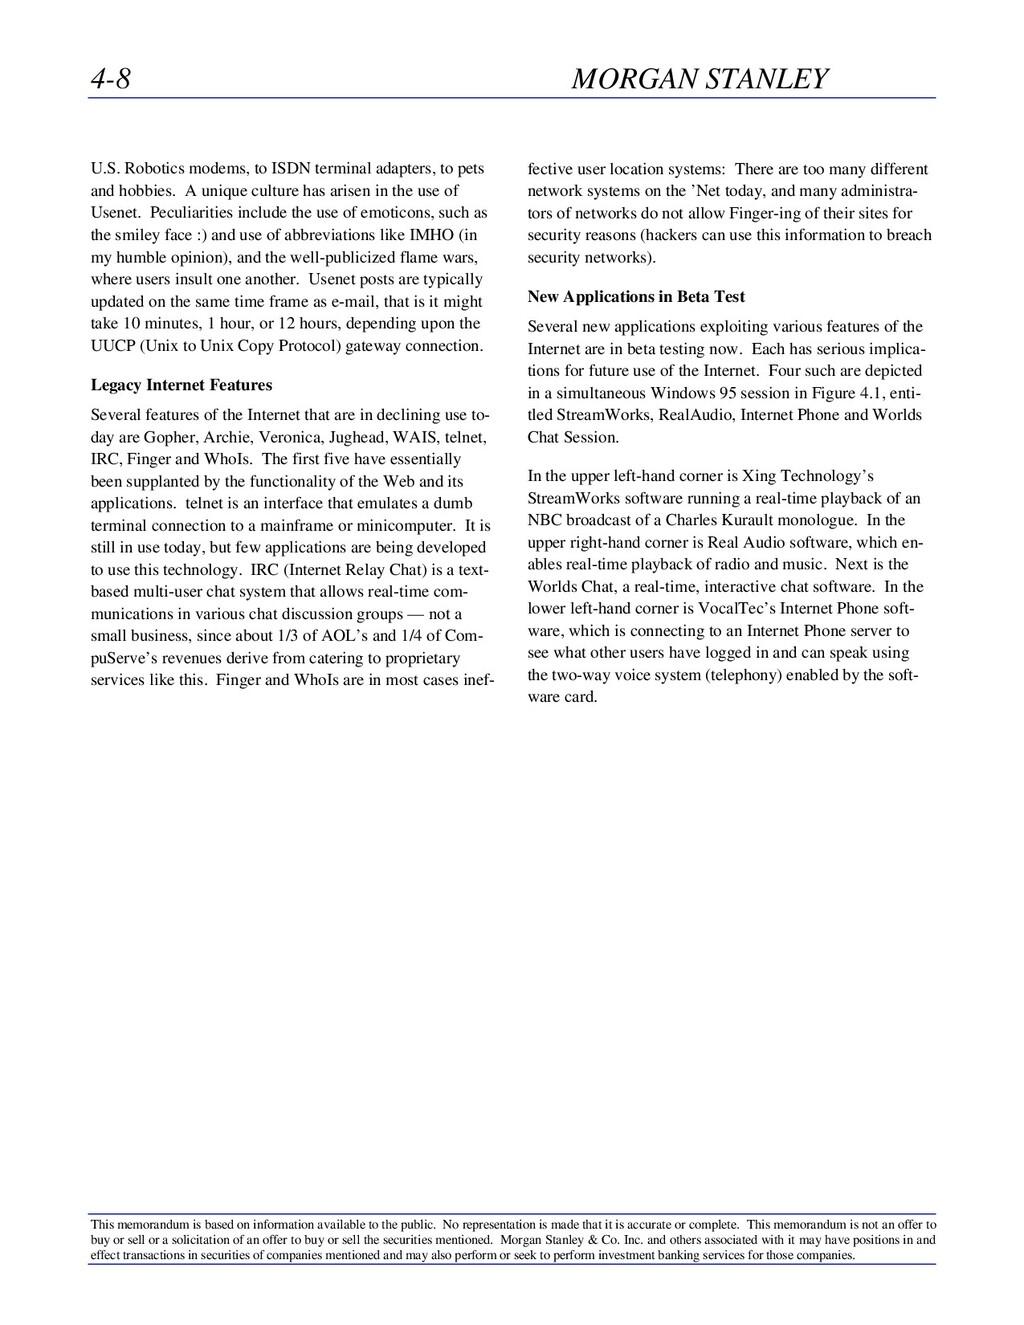 4-8 MORGAN STANLEY This memorandum is based on ...